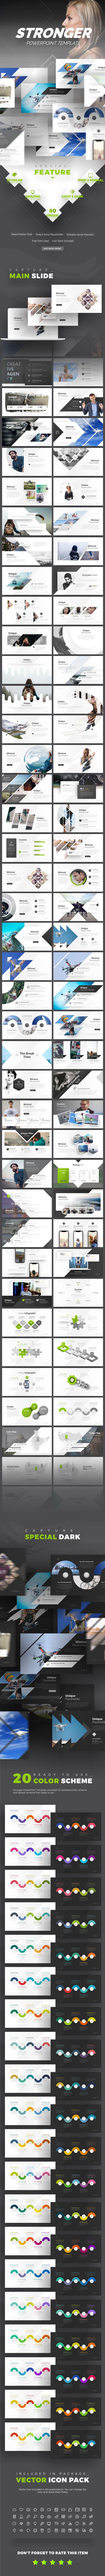 10 best Plantillas de Diapositivas images on Pinterest | Ppt ...